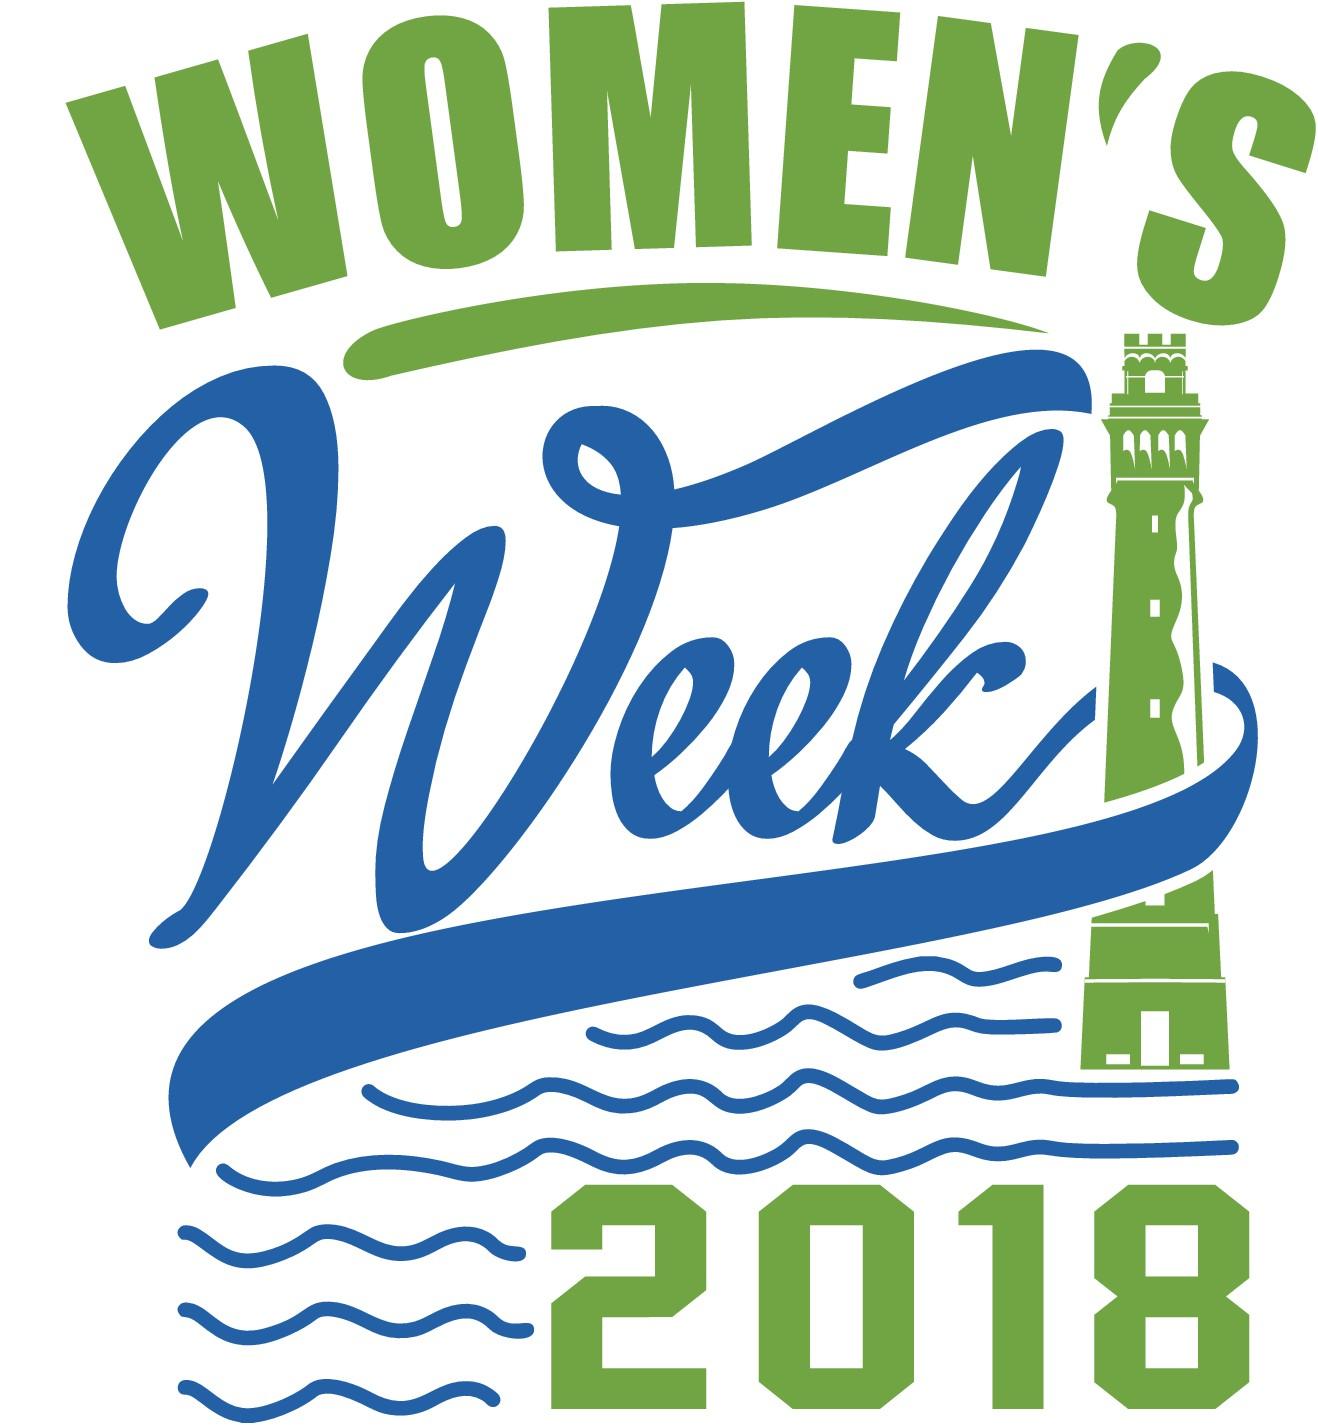 Women's Week 2018